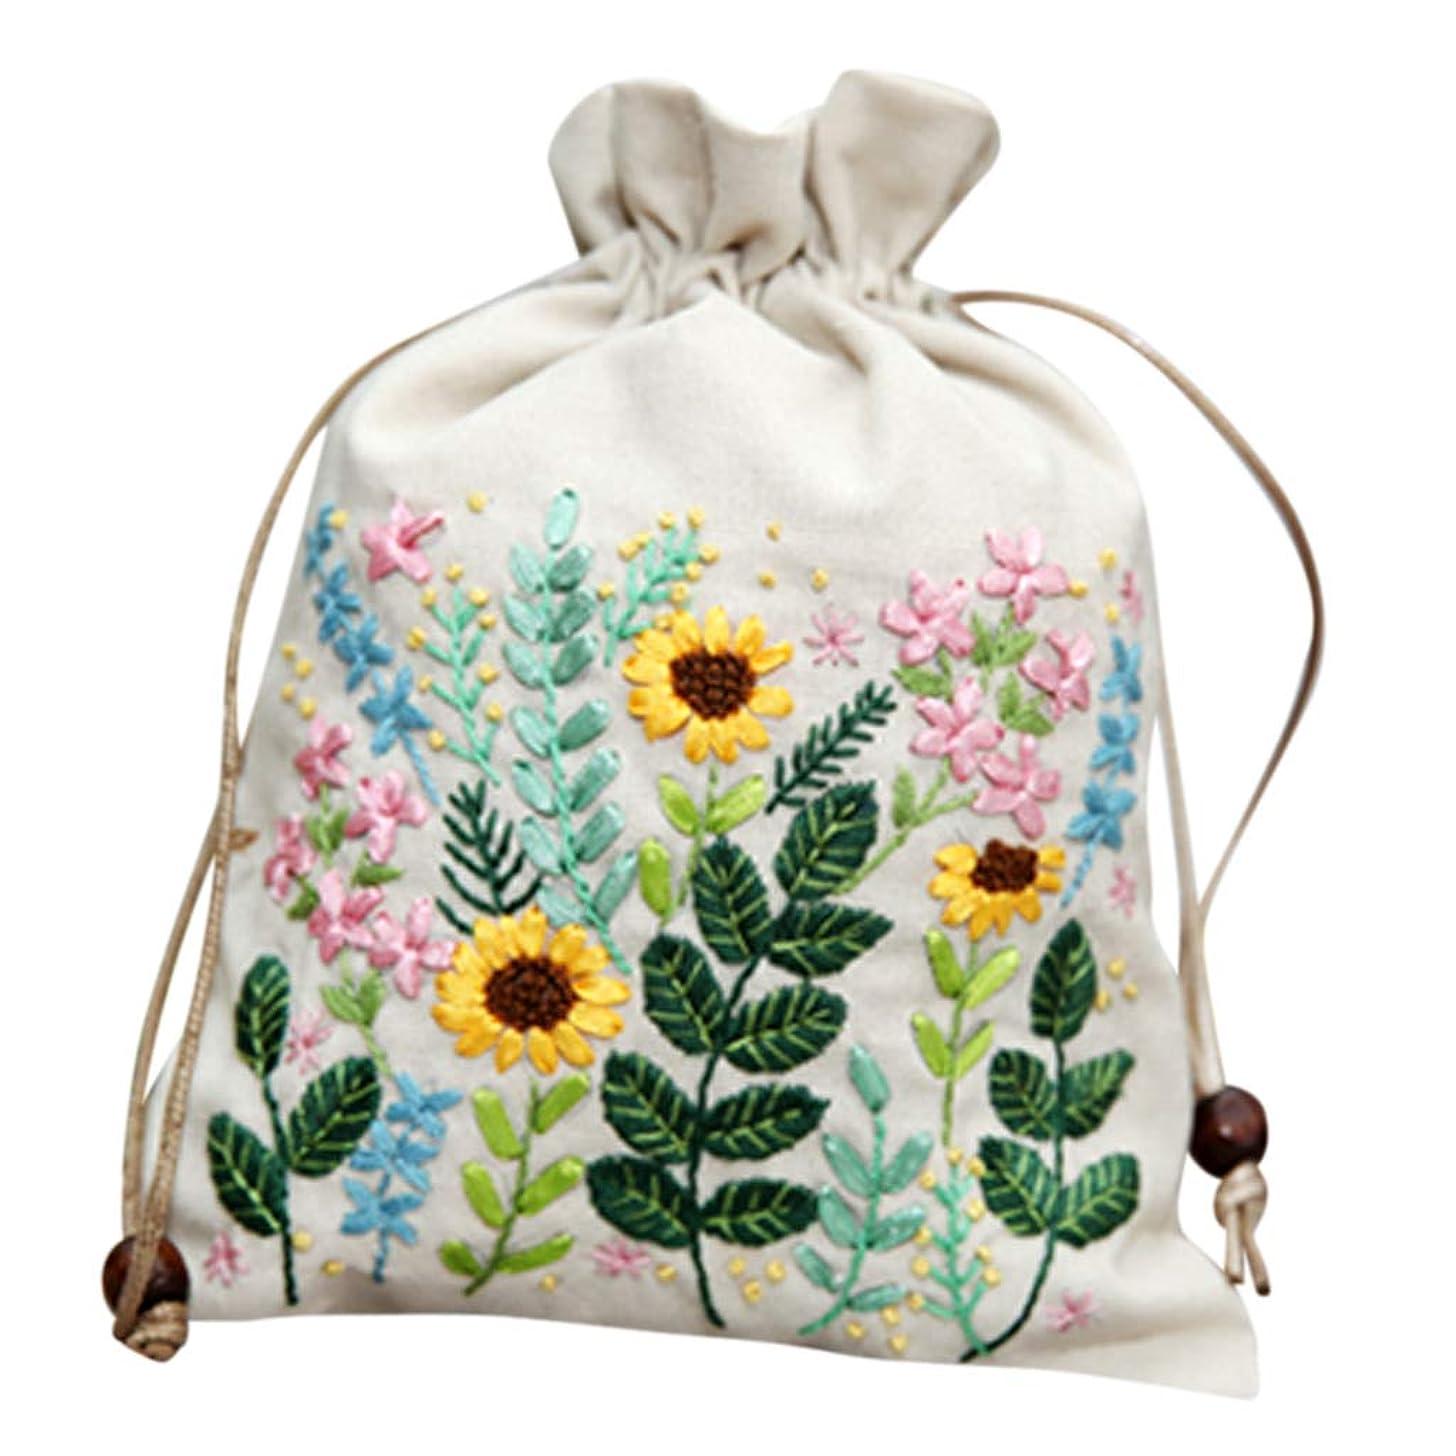 強調後継一方、巾着袋 女の子 化粧品ポーチ 財布 小物入れ 旅行 クロスステッチキット DIY 全4色 - ベージュ